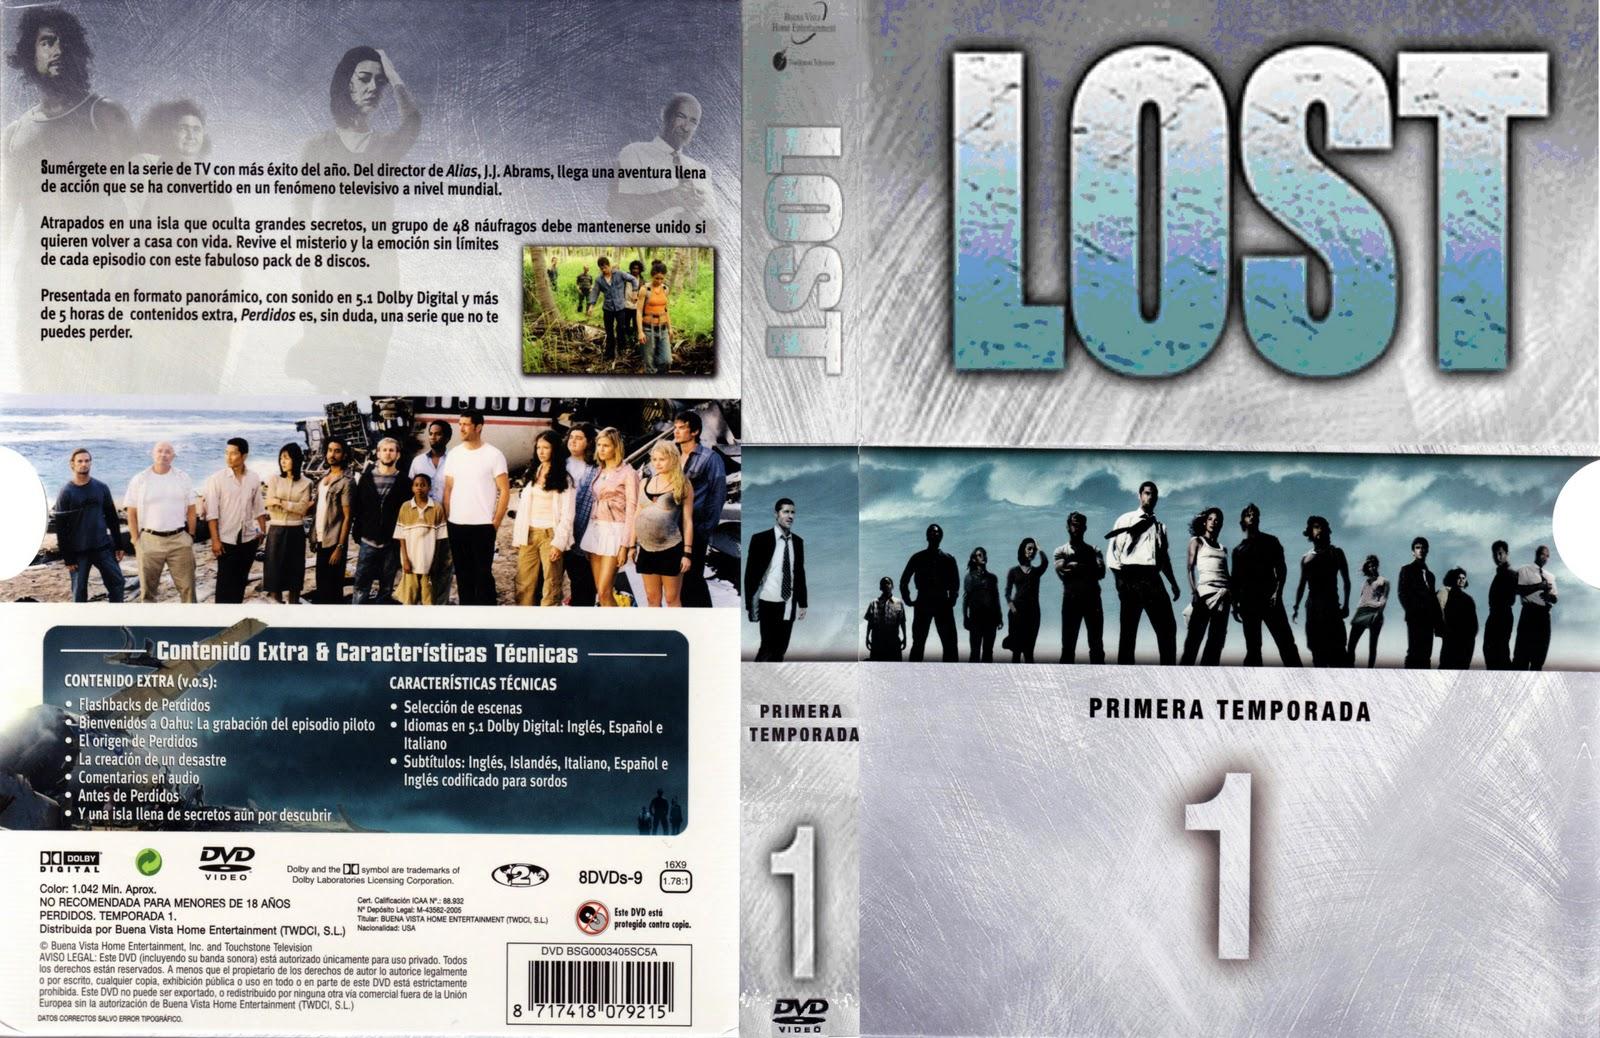 186 lost 1ta temporada 7 dvd 180 s descargando con manu